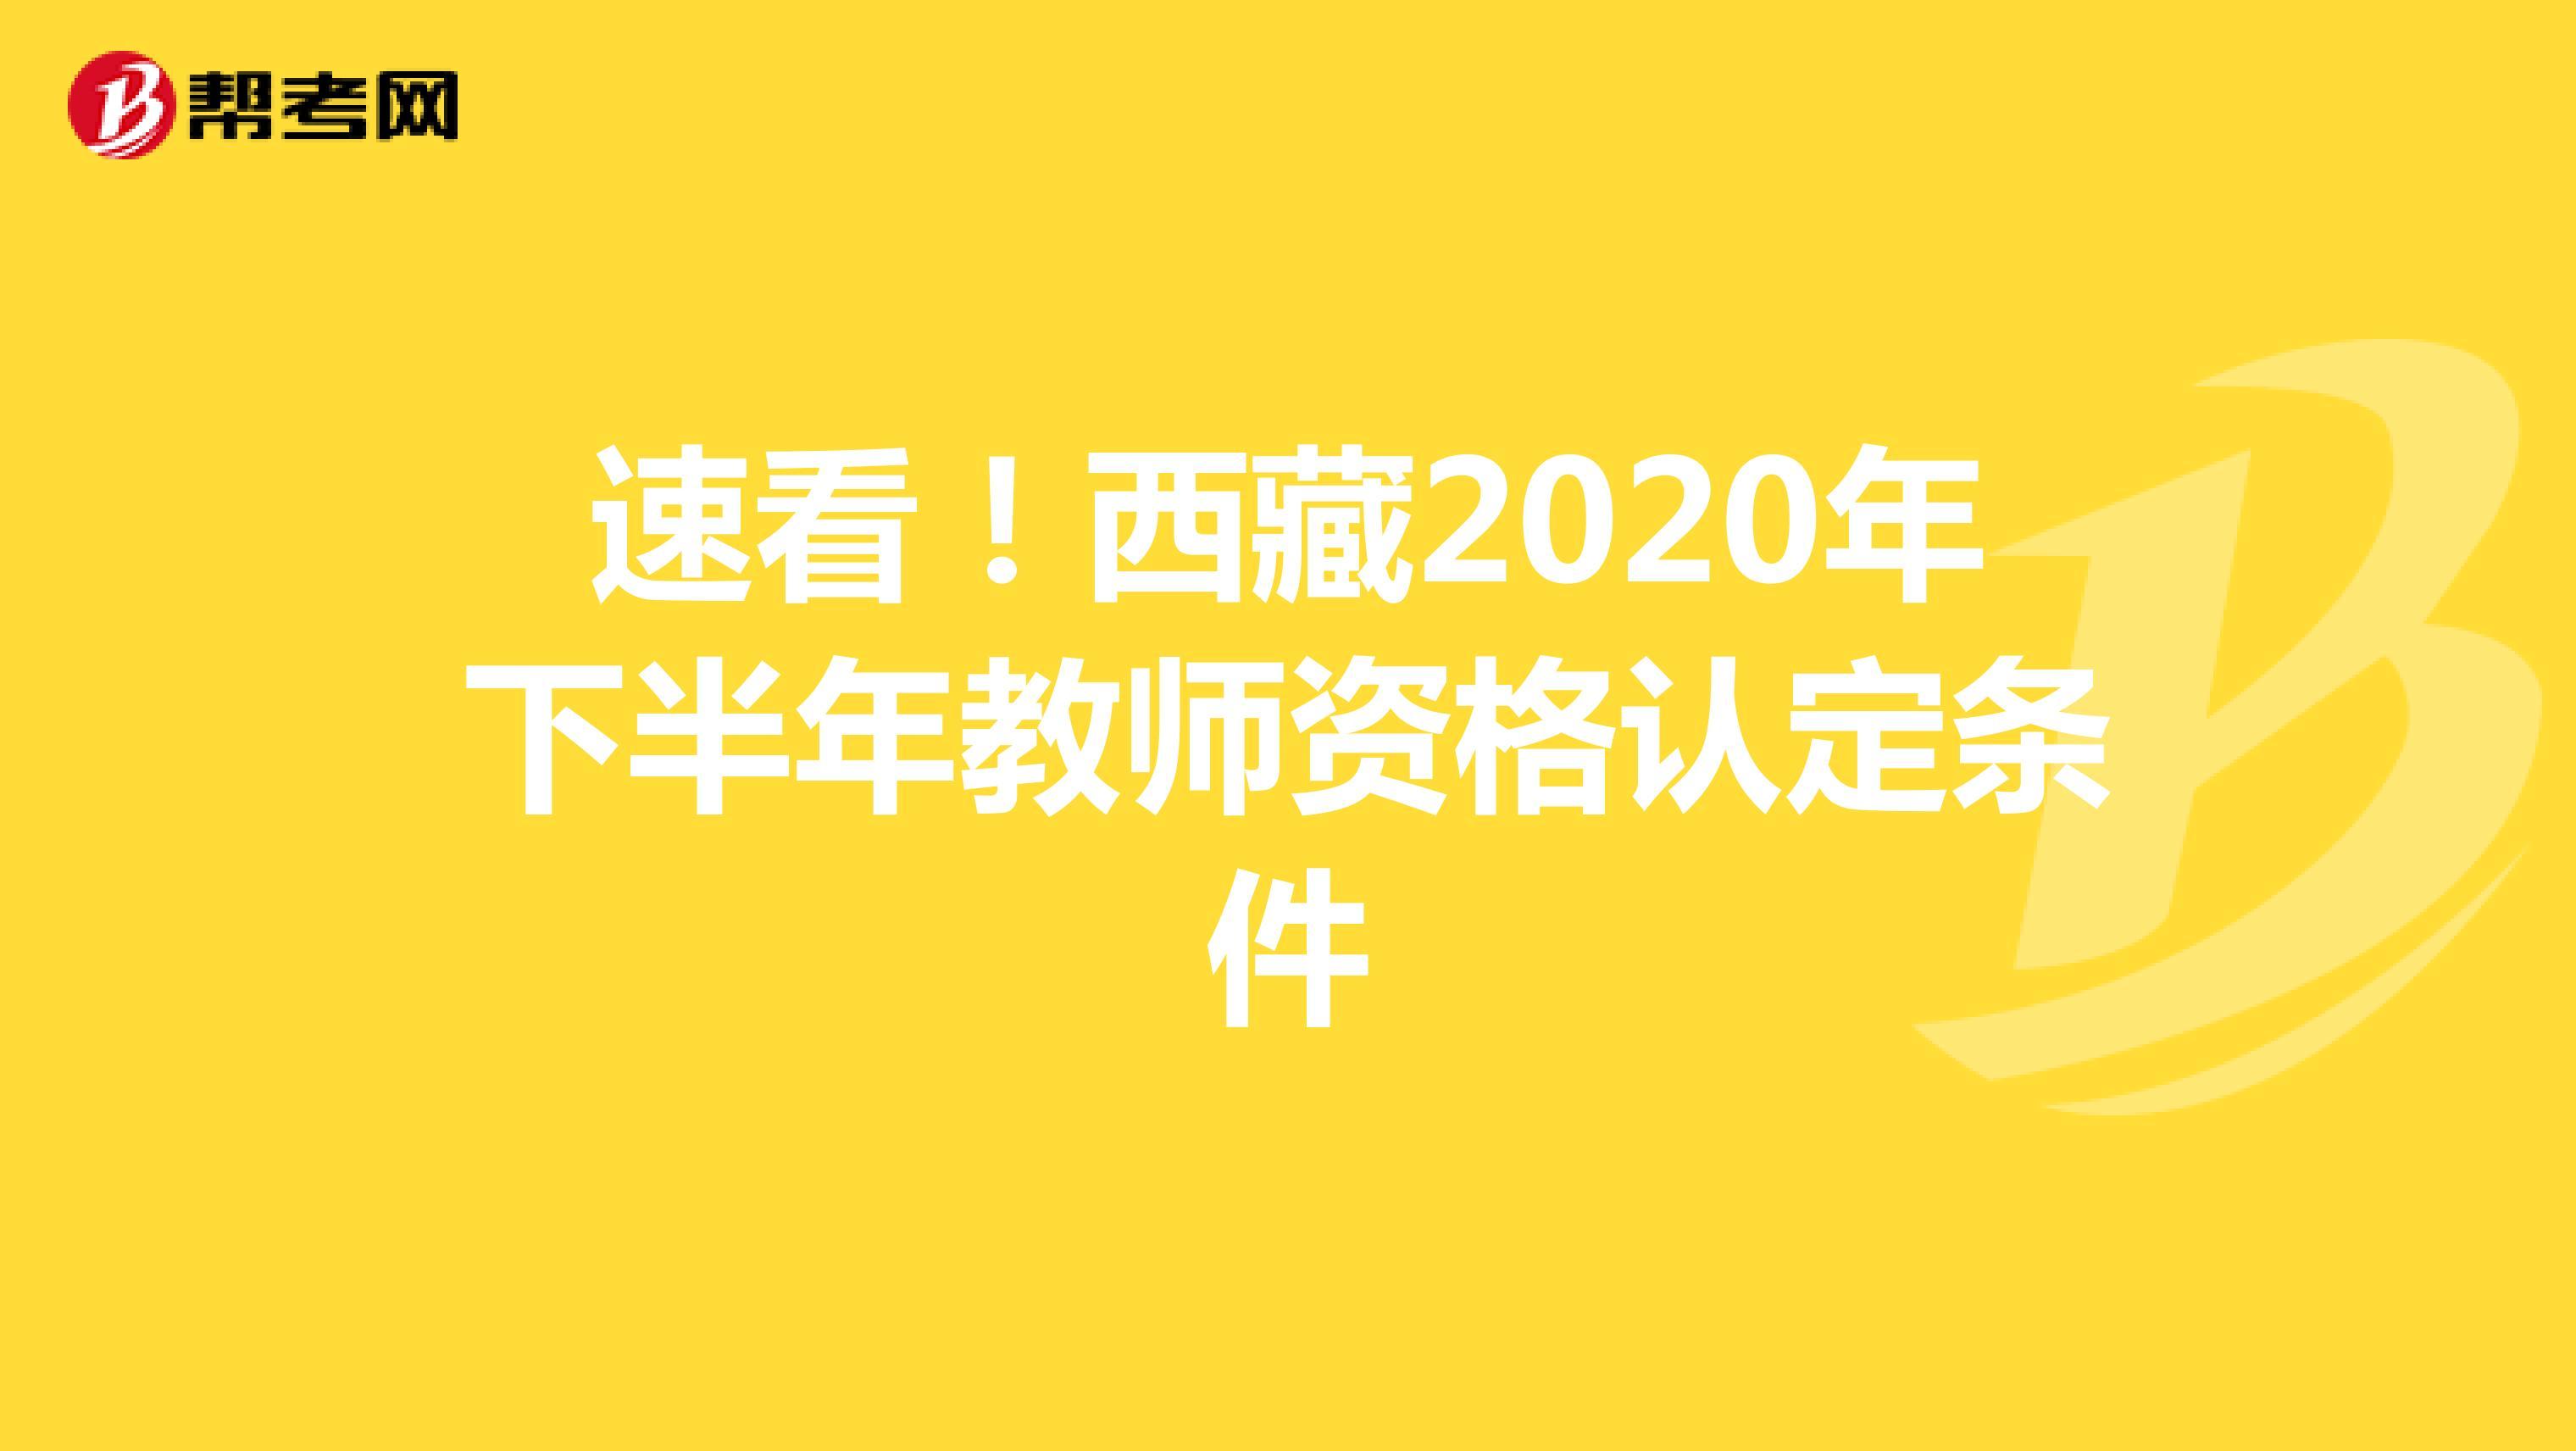 速看!西藏2020年下半年教师资格认定条件